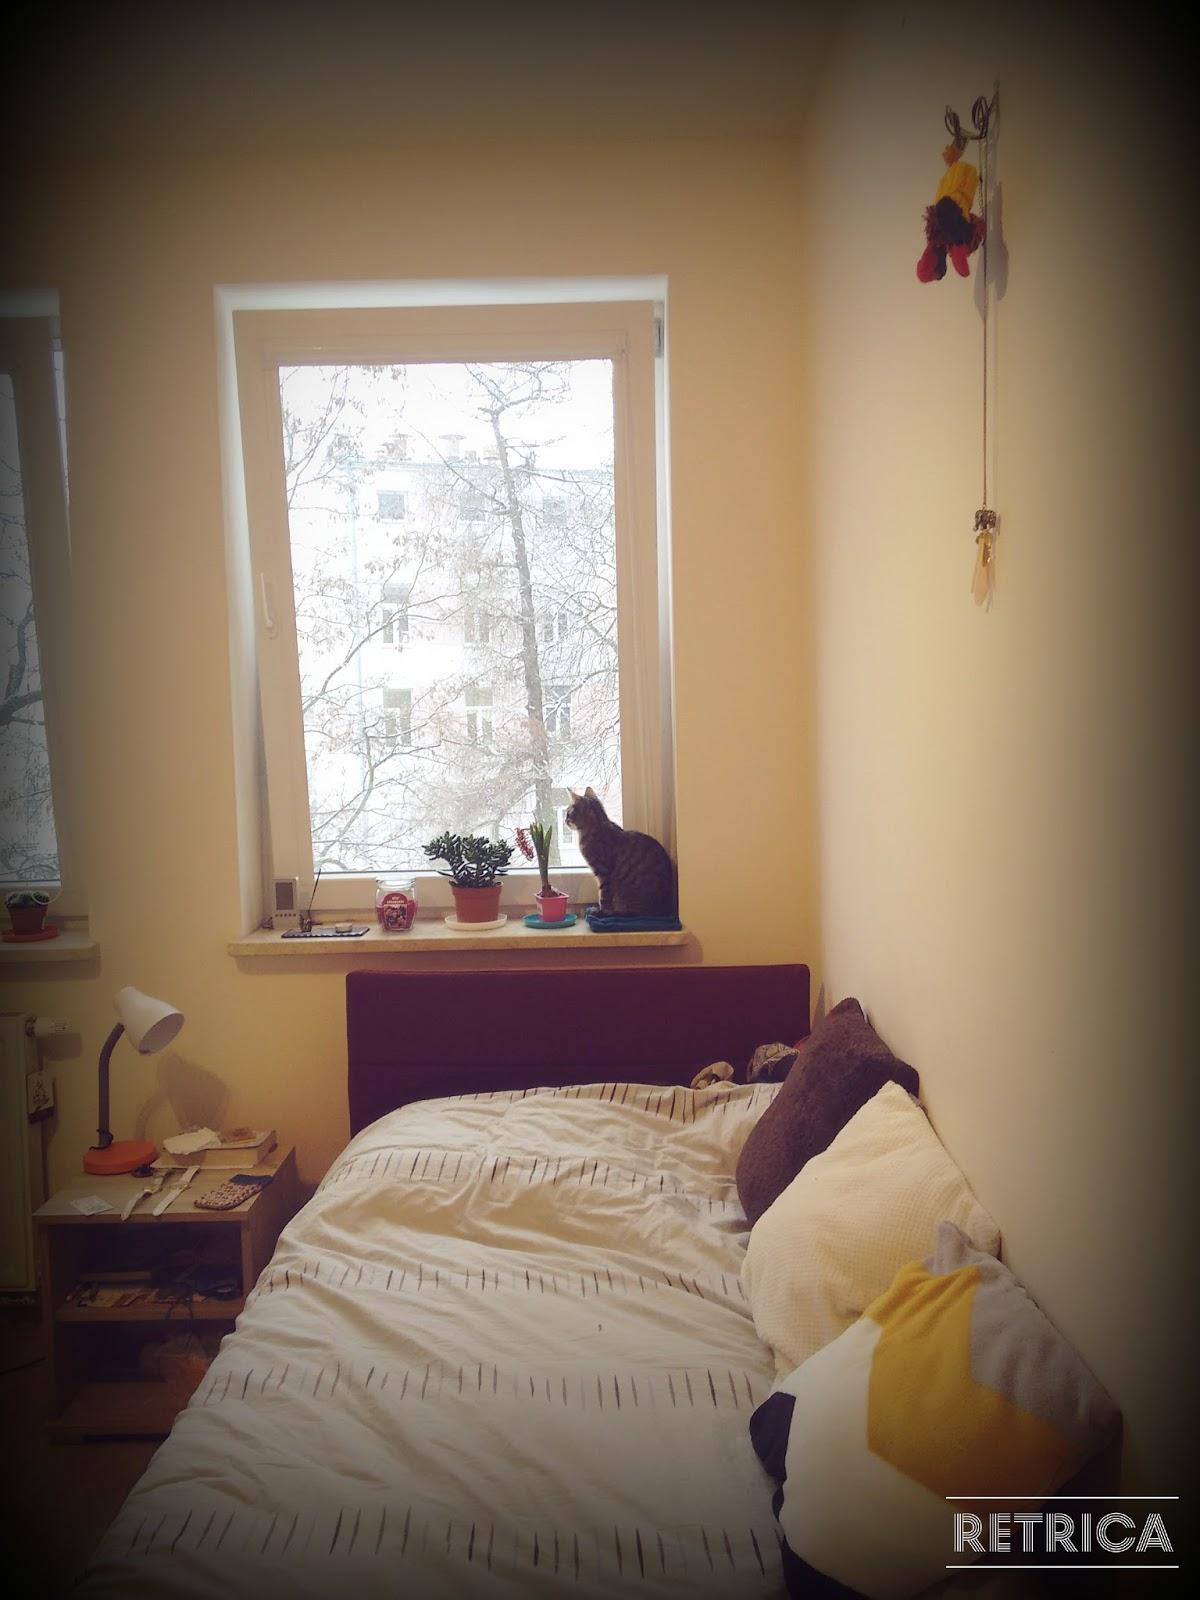 comment j 39 ai d m nag 3 fois en une semaine julie la blogtrotteuse. Black Bedroom Furniture Sets. Home Design Ideas